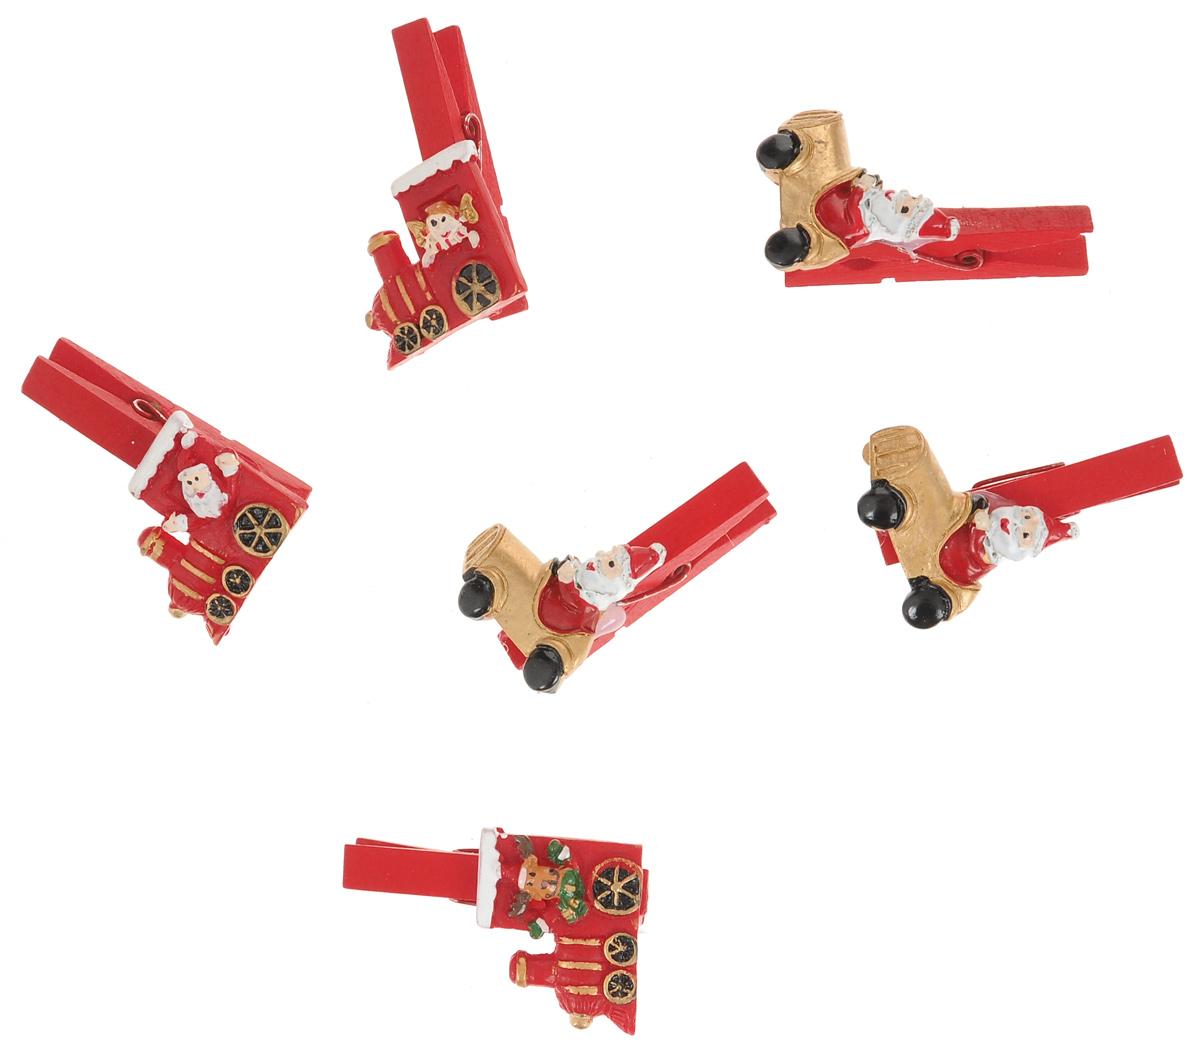 Новогодняя прищепка Феникс-презент Паровозики и машинки, 6 штNLED-454-9W-BKНовогодние прищепки Феникс-презент Паровозики и машинки выполнены из древесины березы и украшены веселыми фигурками из полирезины. Изделия используются для развешивания стикеров на веревке и маленьких игрушек, также прекрасно подойдут для декора новогодней ели. Оригинальность и веселые цвета прищепок будут радовать глаз и создадут праздничное настроение в преддверии Нового года. Размер фигурок: 3 см х 2,5 см; 3 см х 3 см.